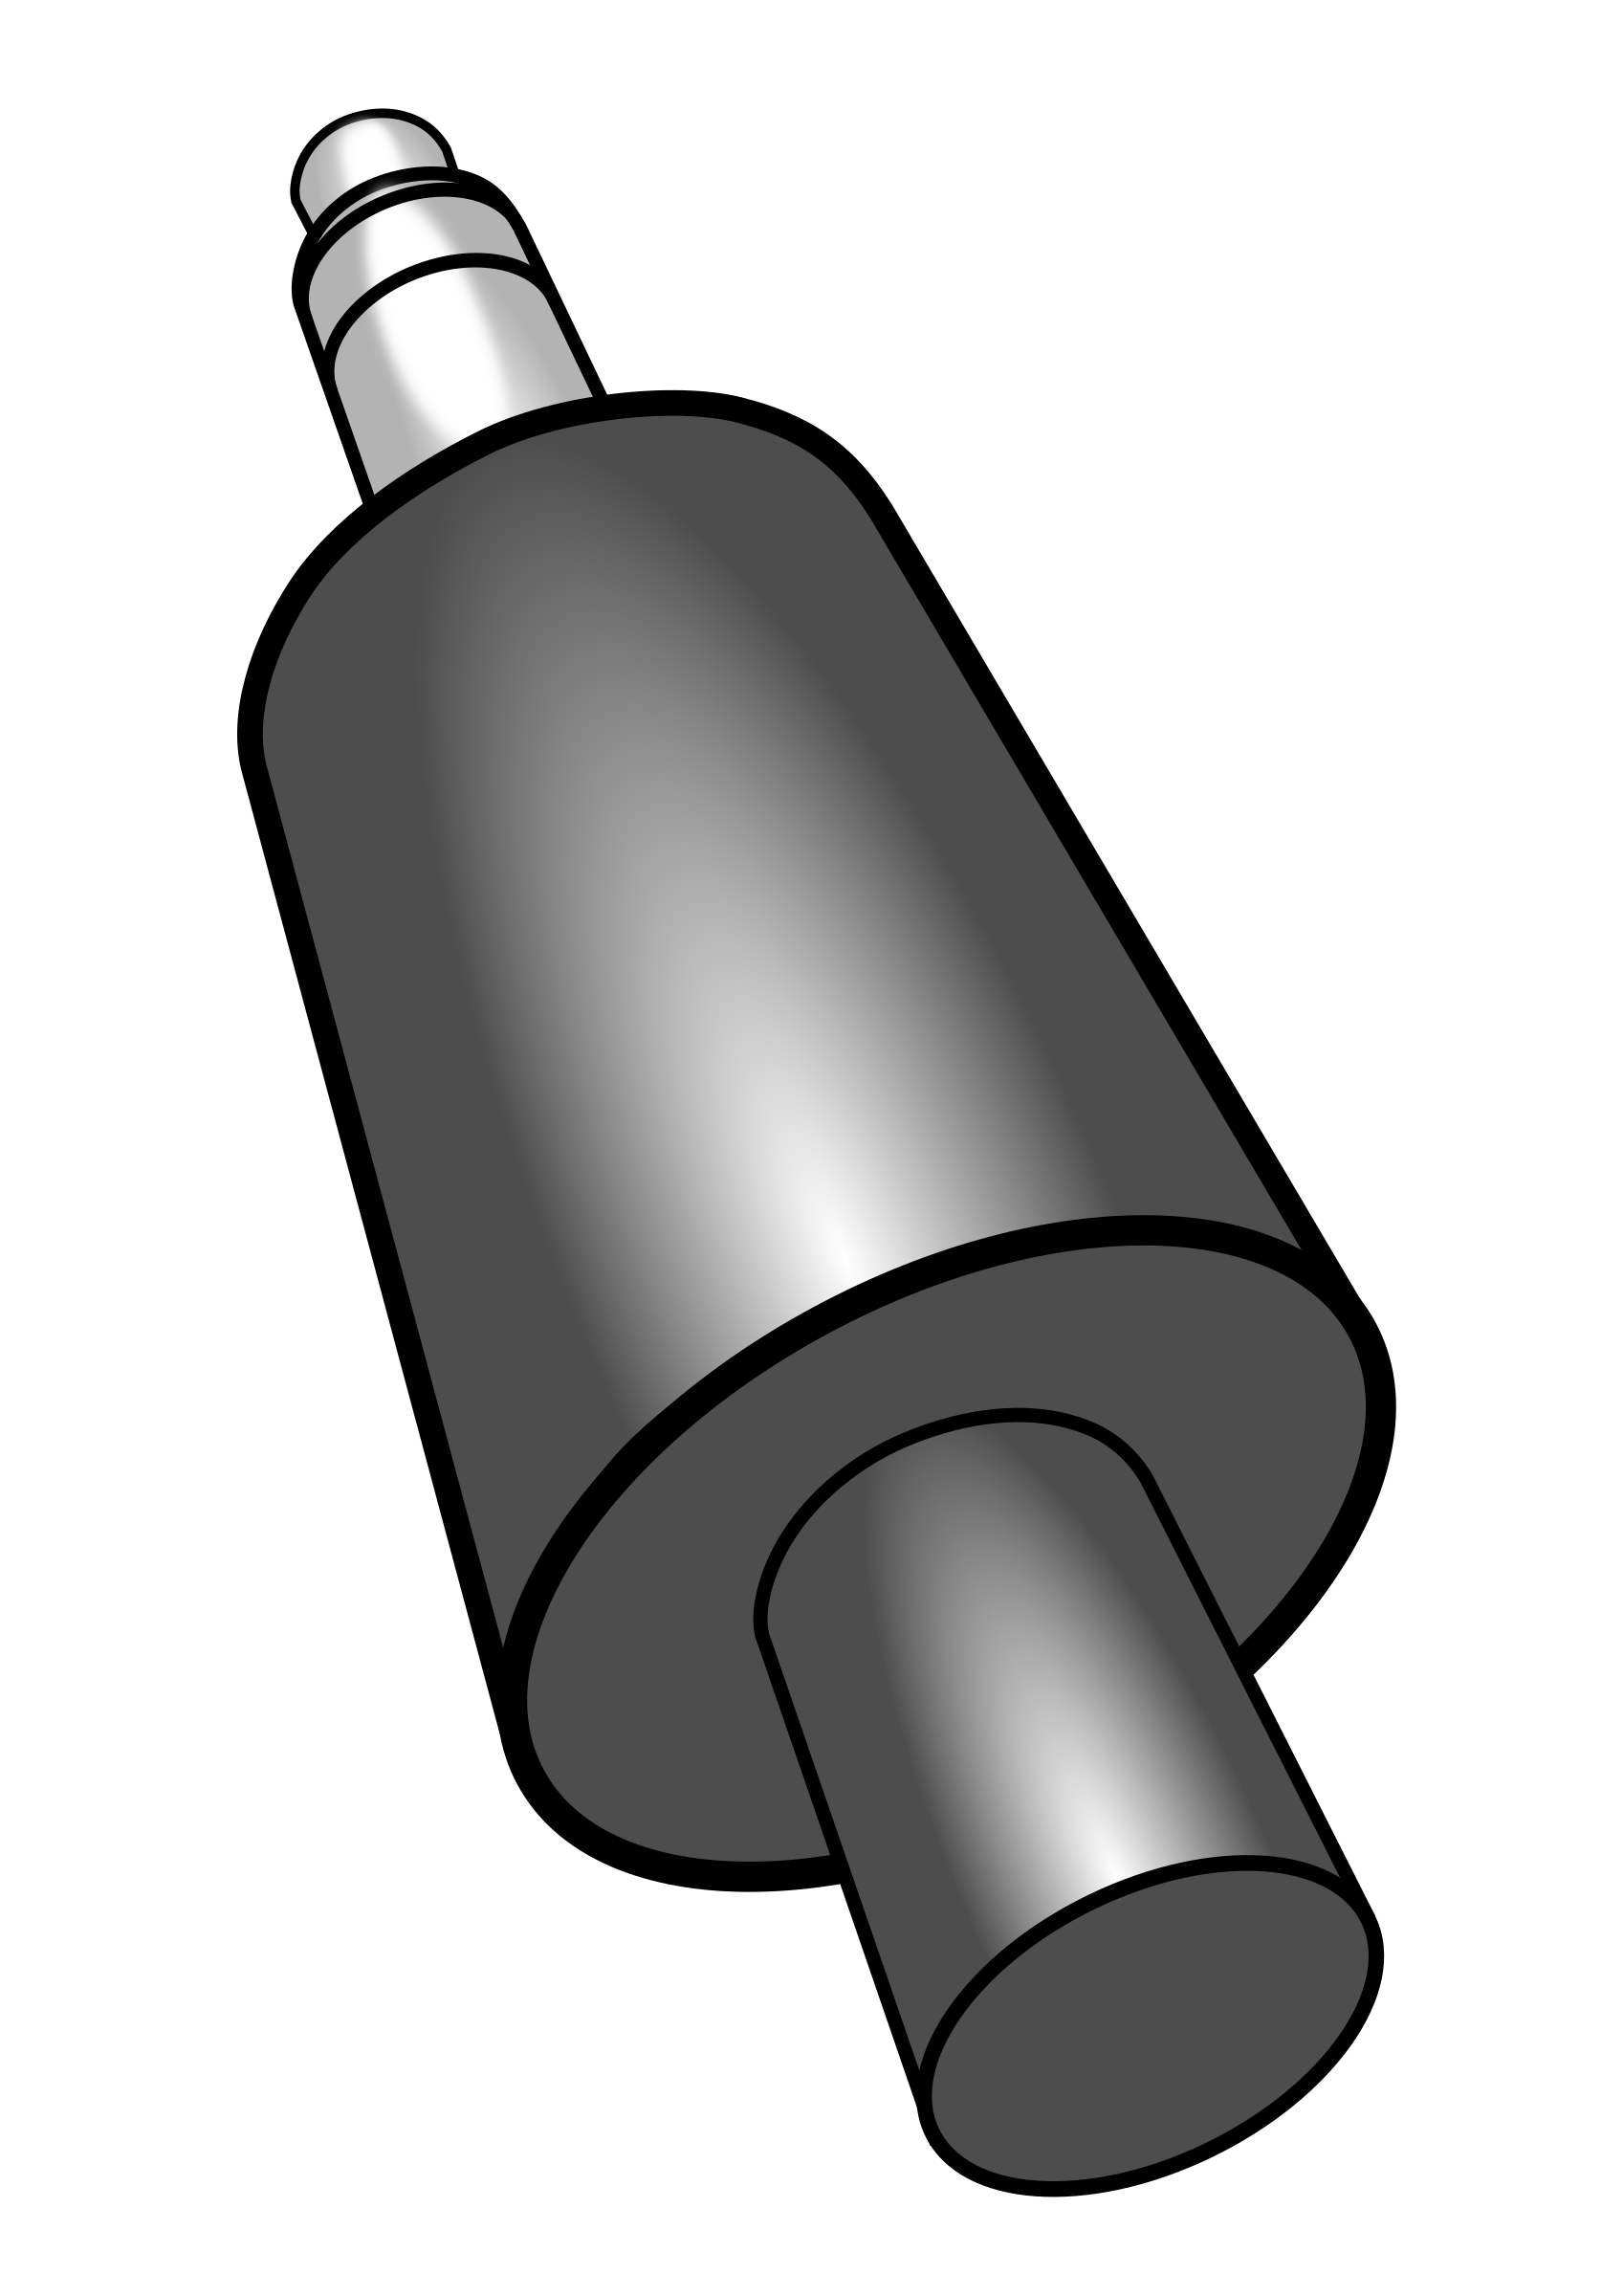 Clipart - Headphone Plug Stereo 3D